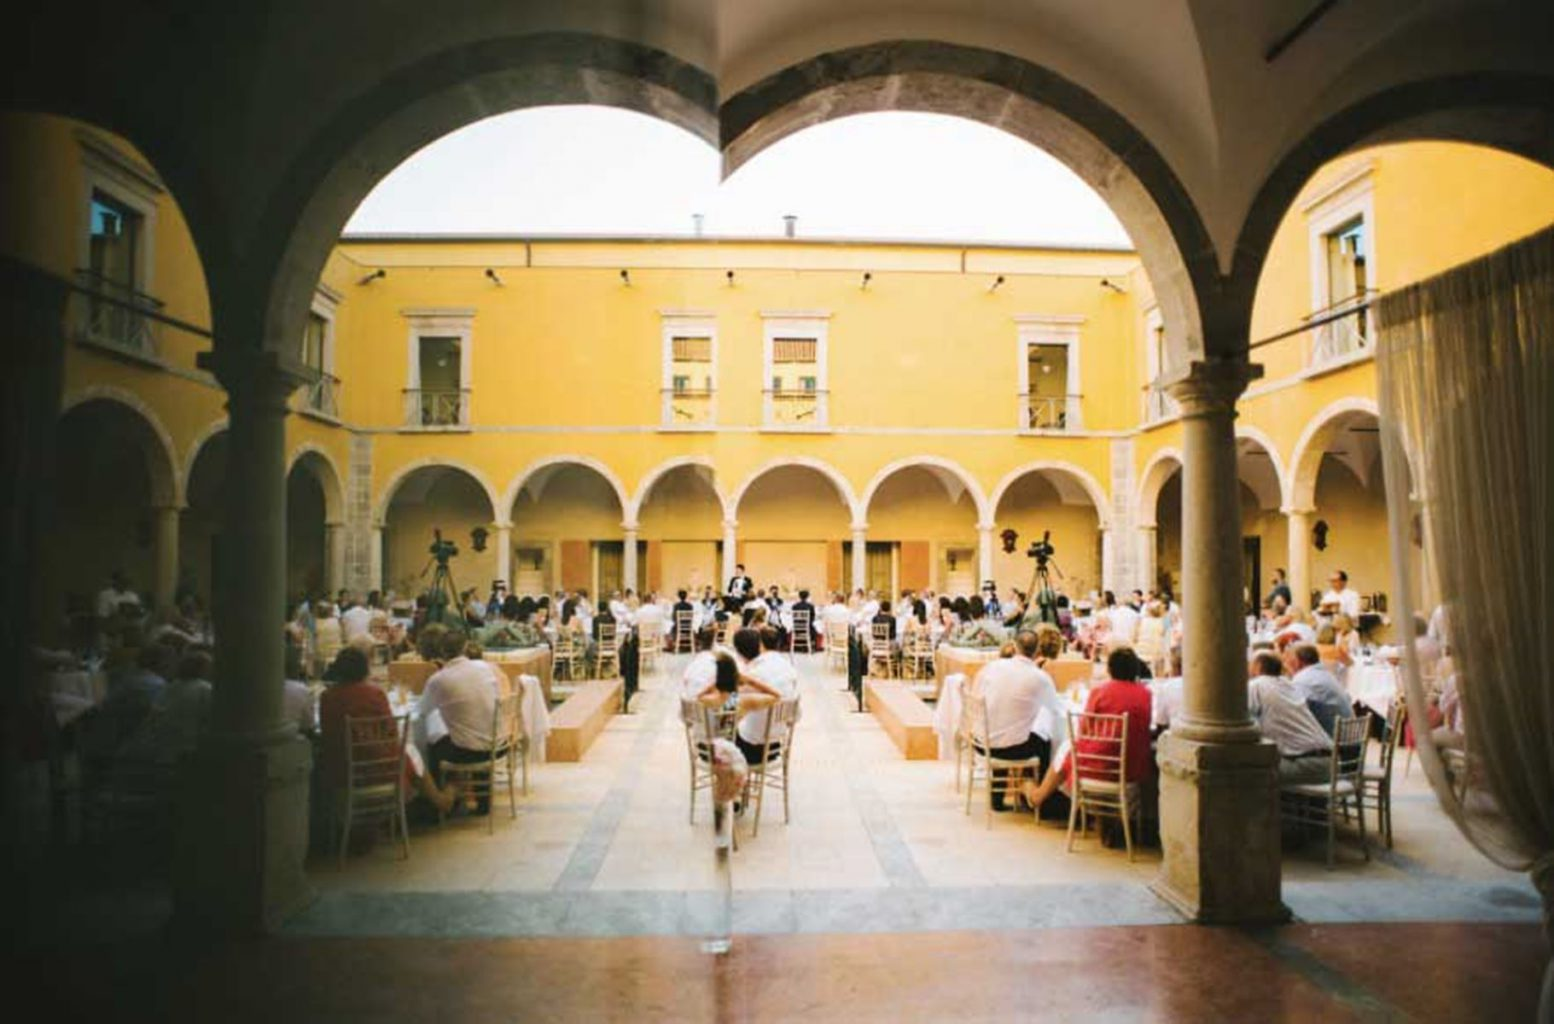 Algarve Weddings Venue Slider image Weddings by Rebecca Woodhall Wedding Planner Algarve Portugal